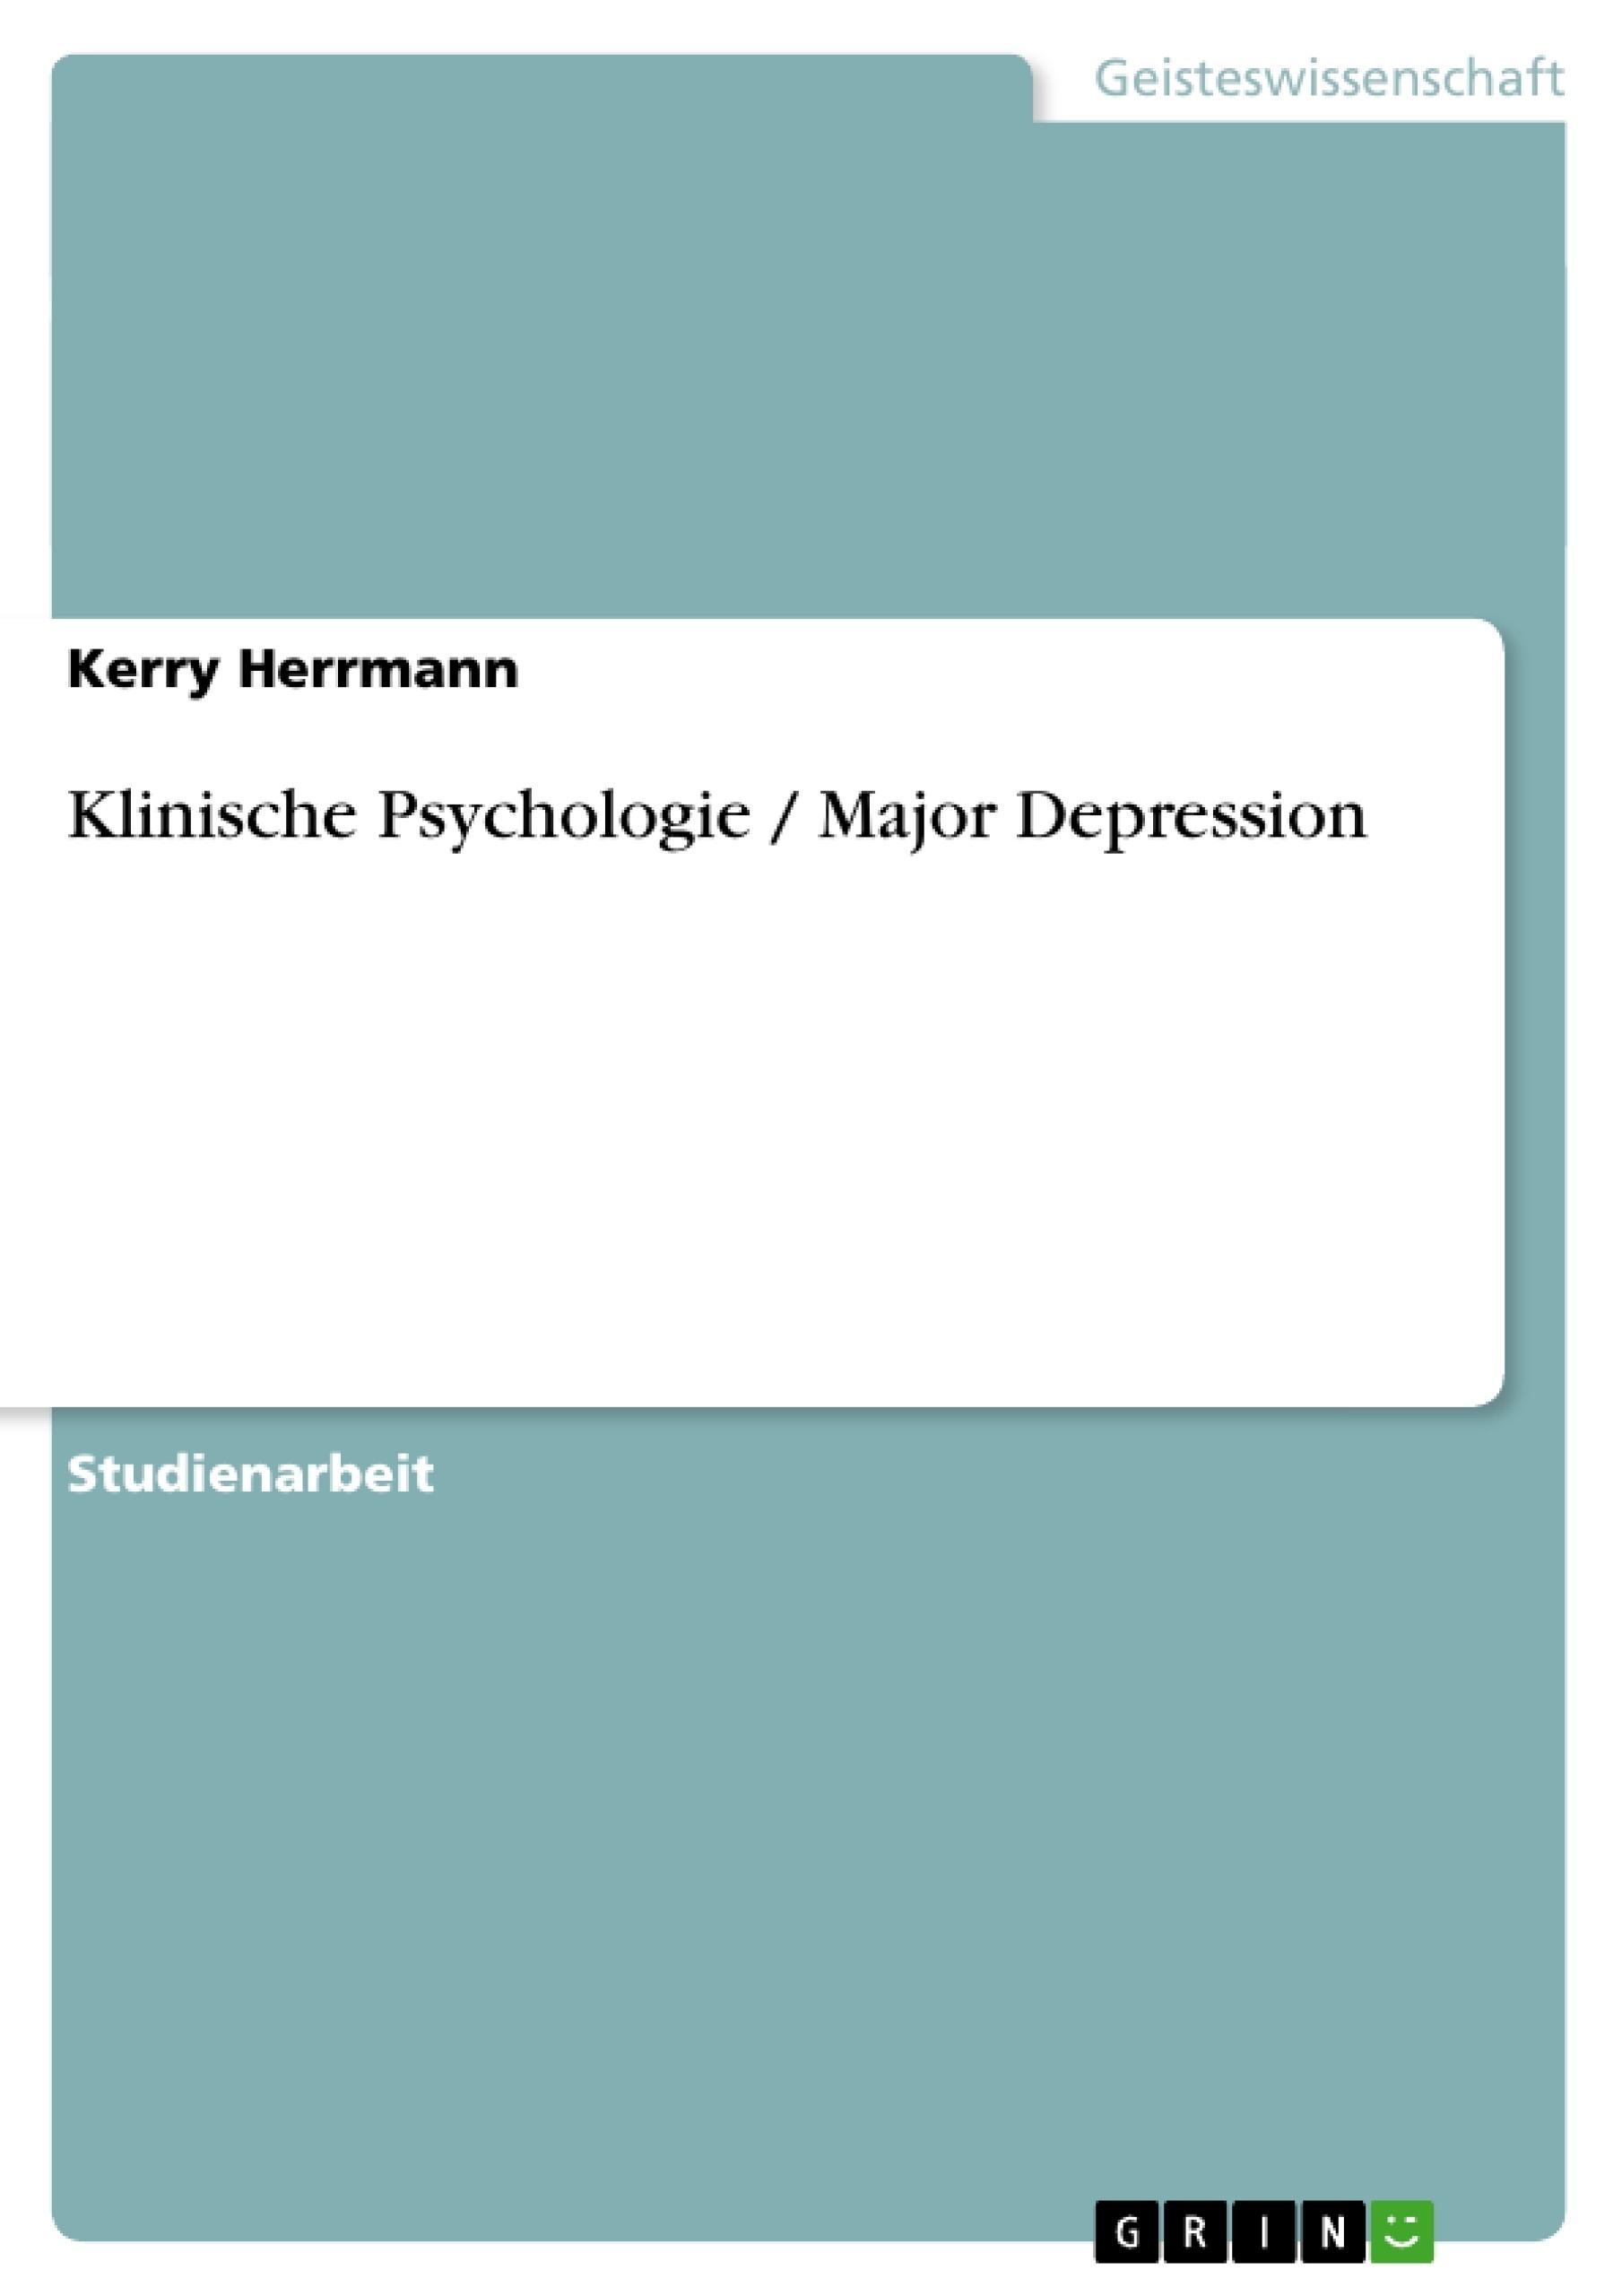 Titel: Klinische Psychologie / Major Depression